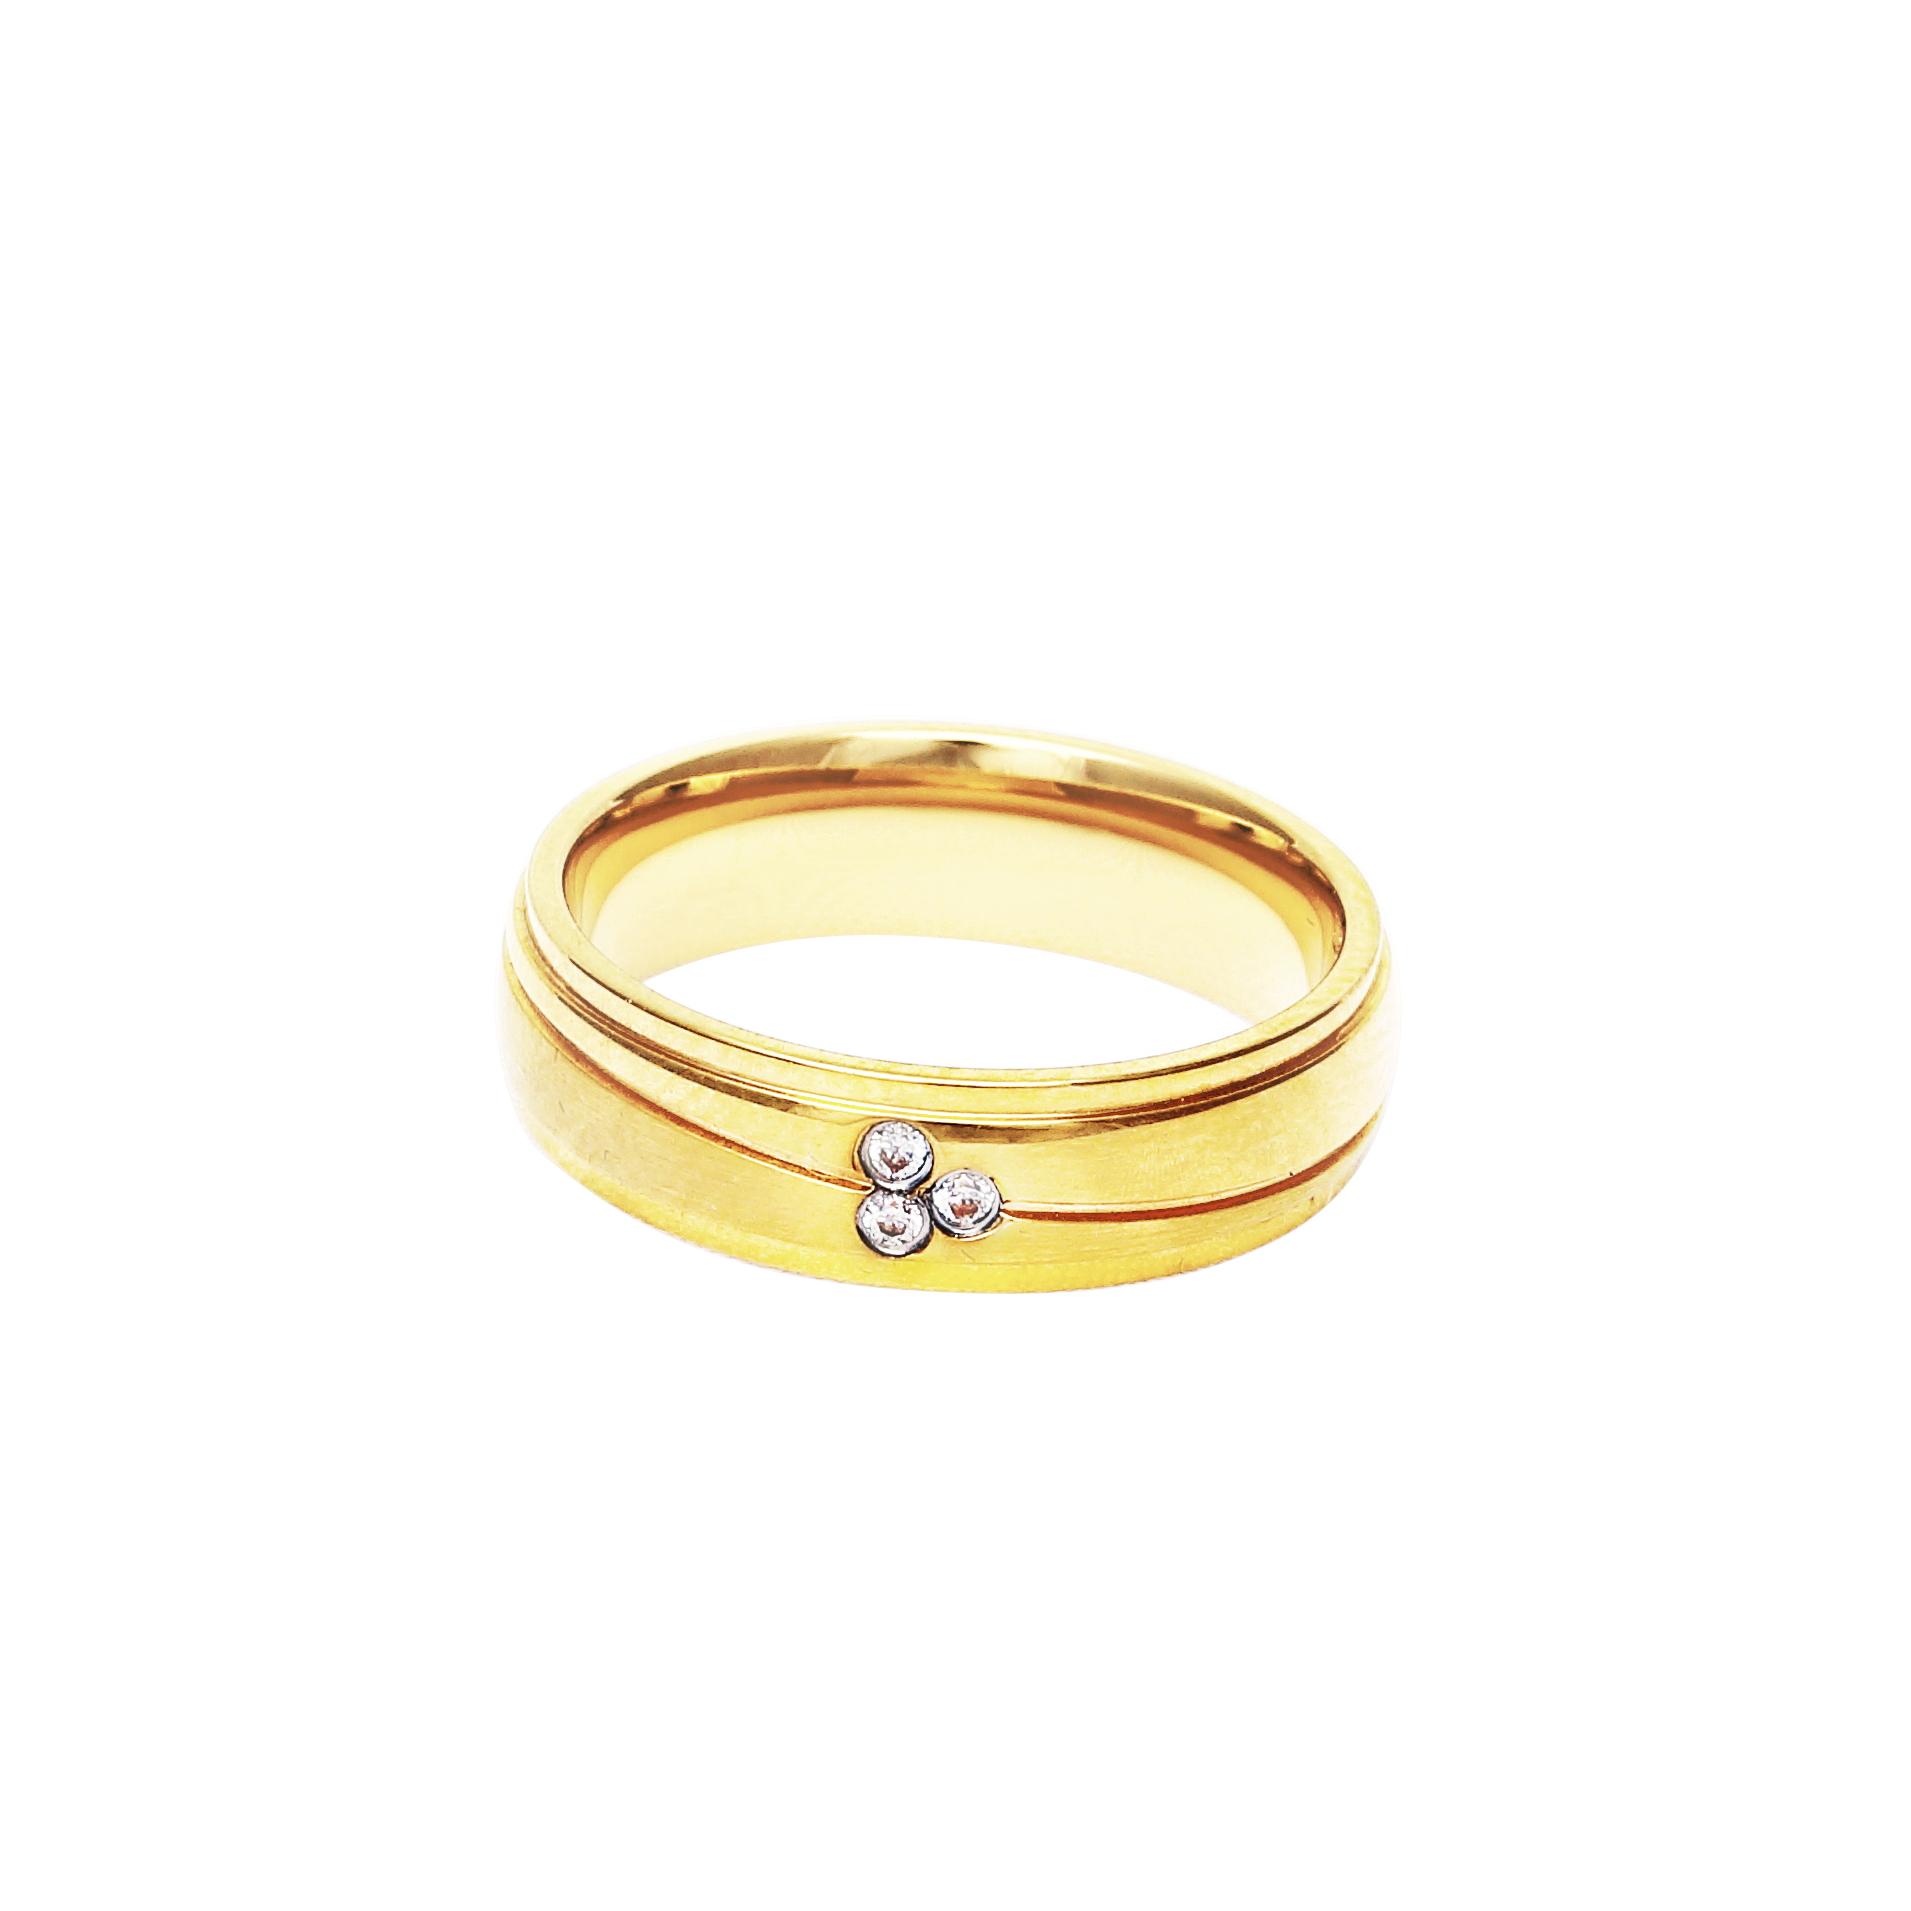 Мъжка златна сватбена халка с диагонален декоративен елемент, инкрустирана с 3 диаманта.